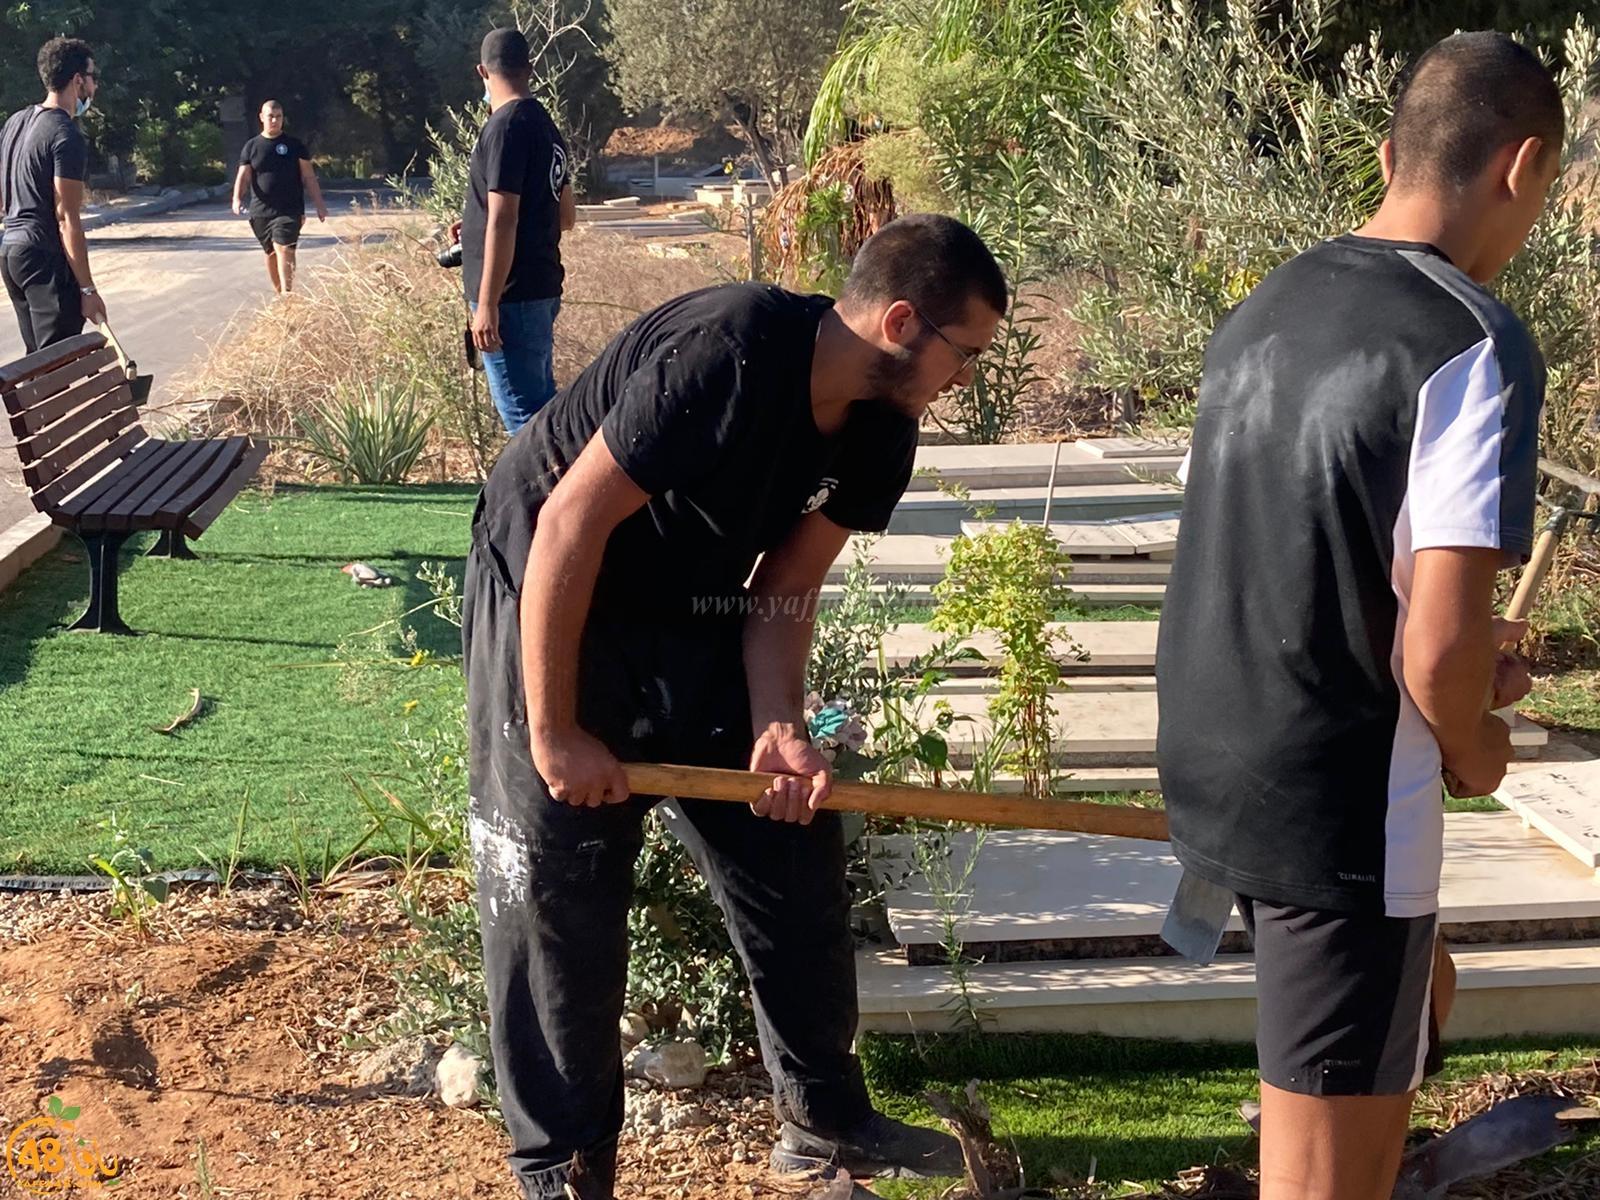 صور: انطلاق معسكر صيانة مقبرة طاسو الإسلاميّة، ودعوات لأوسع مشاركة